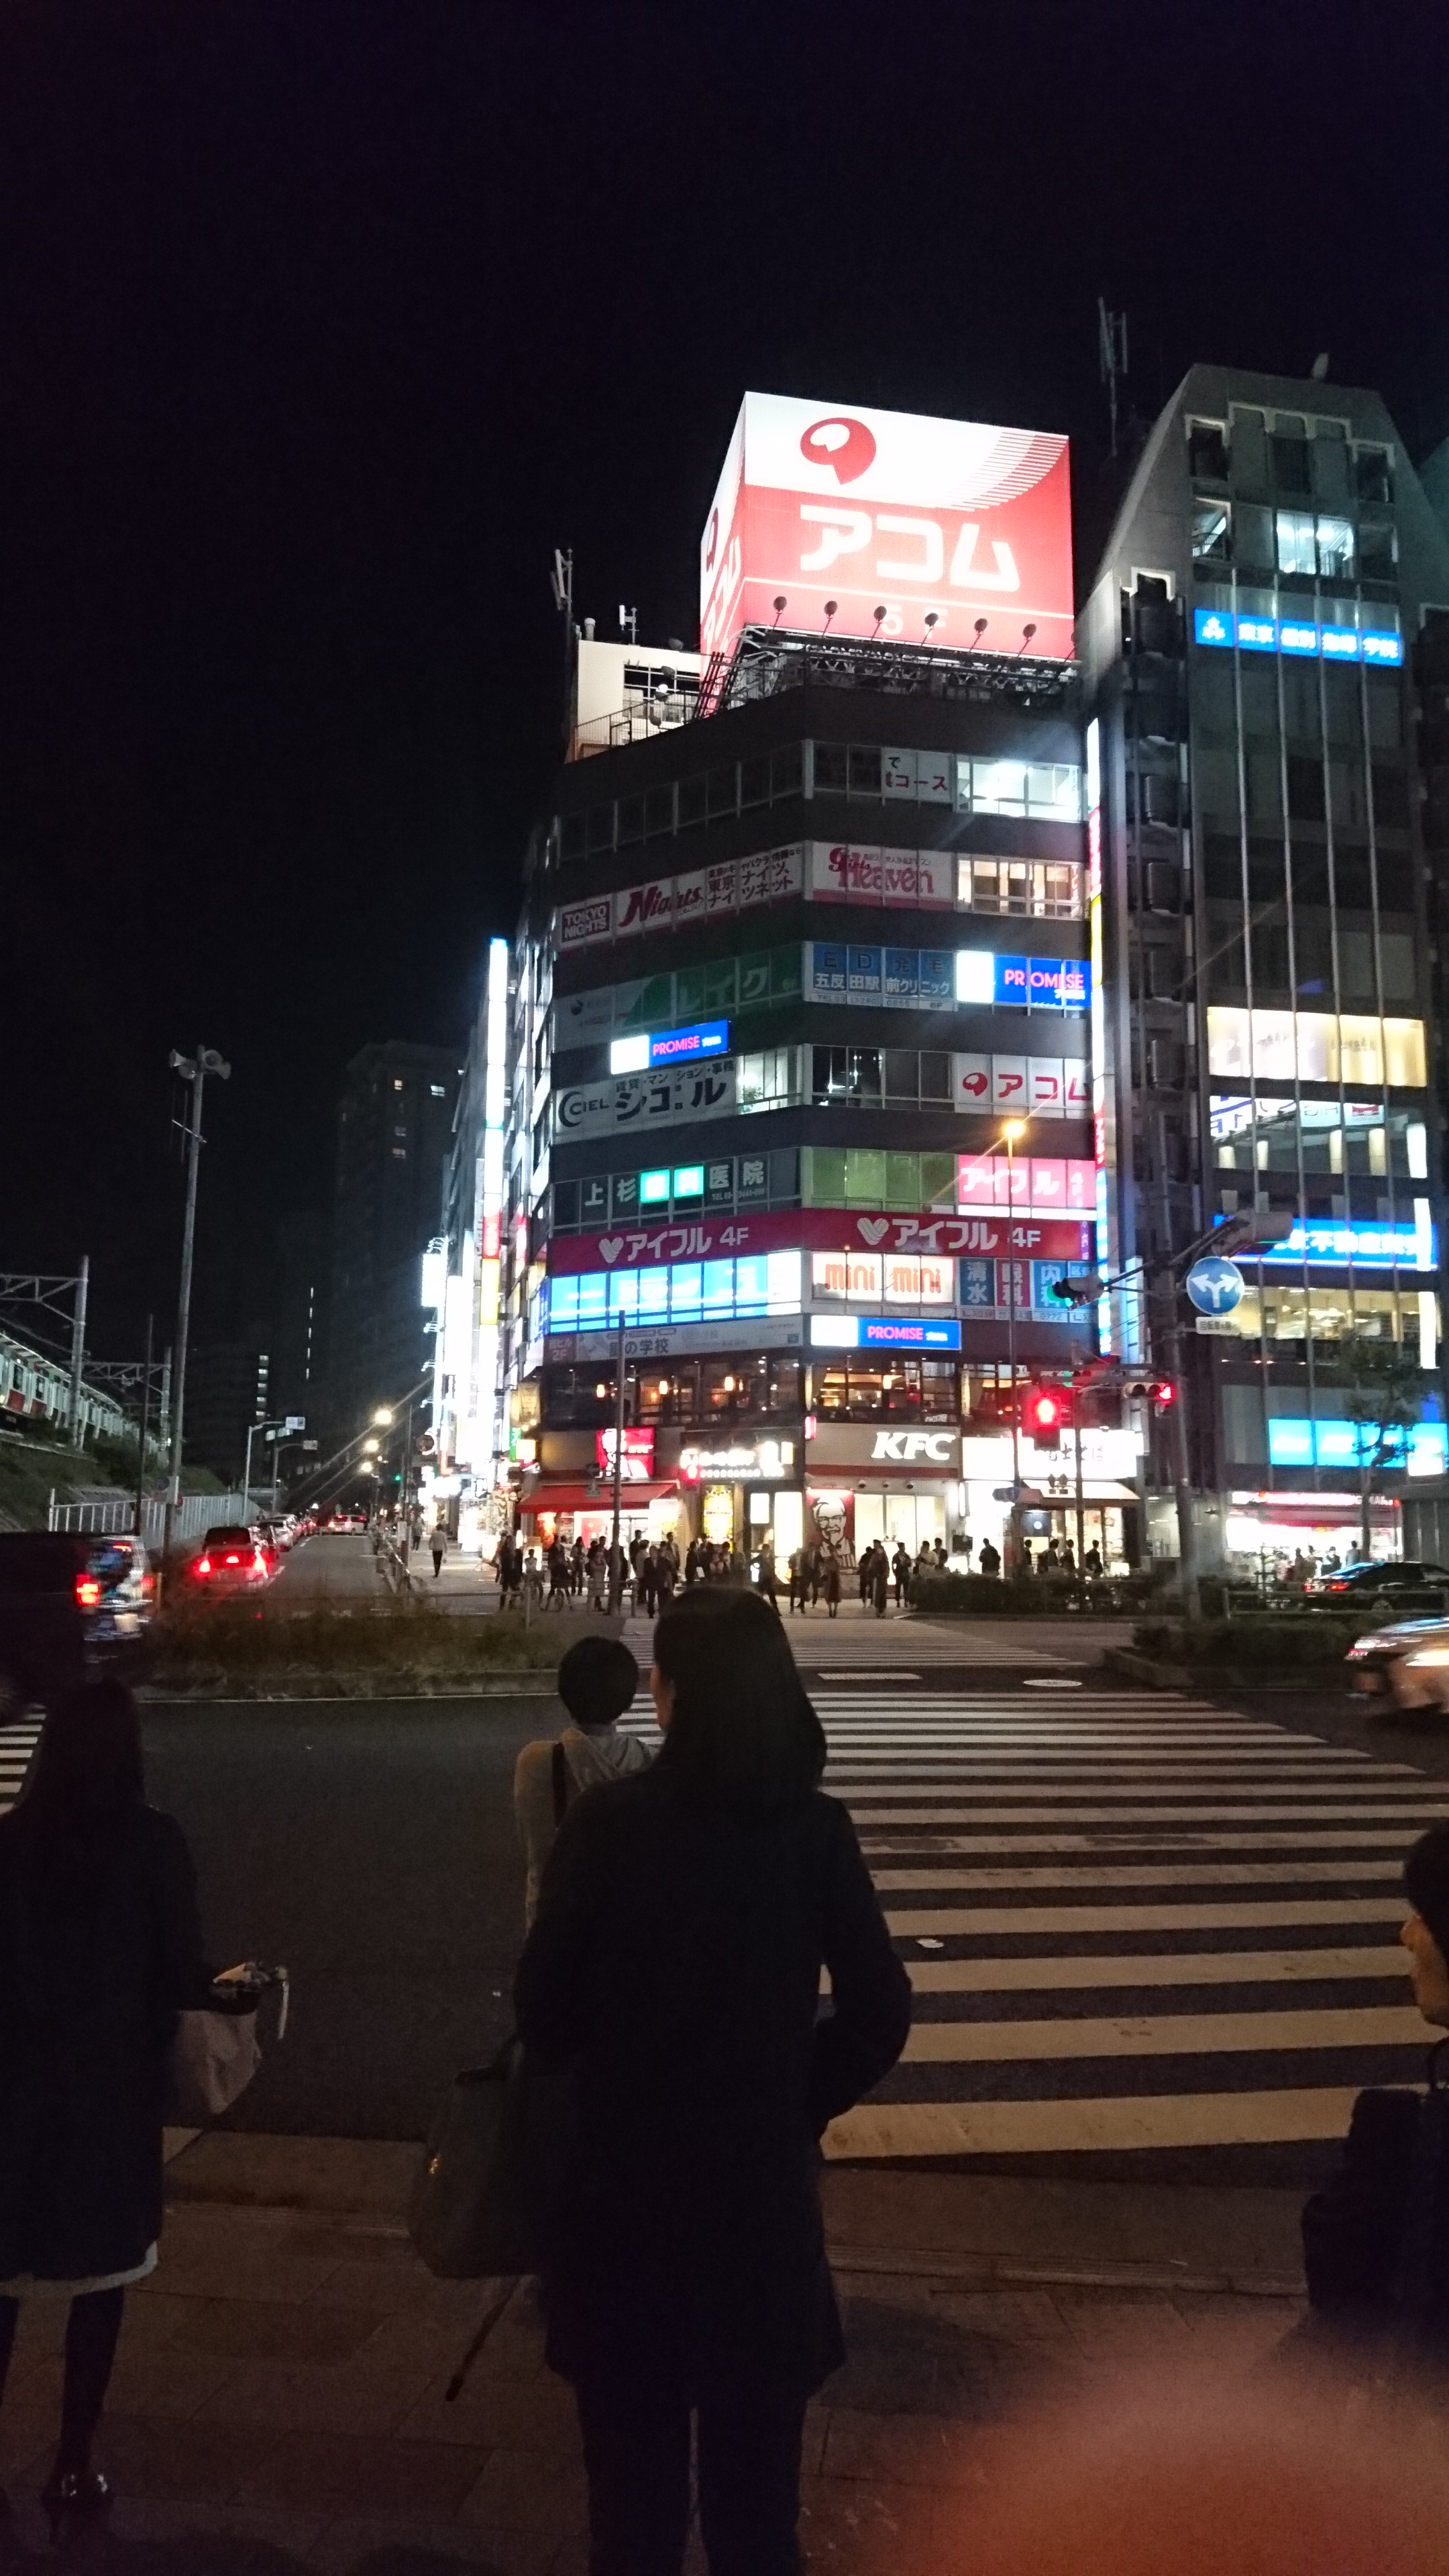 キレイモ五反田店に行く経路